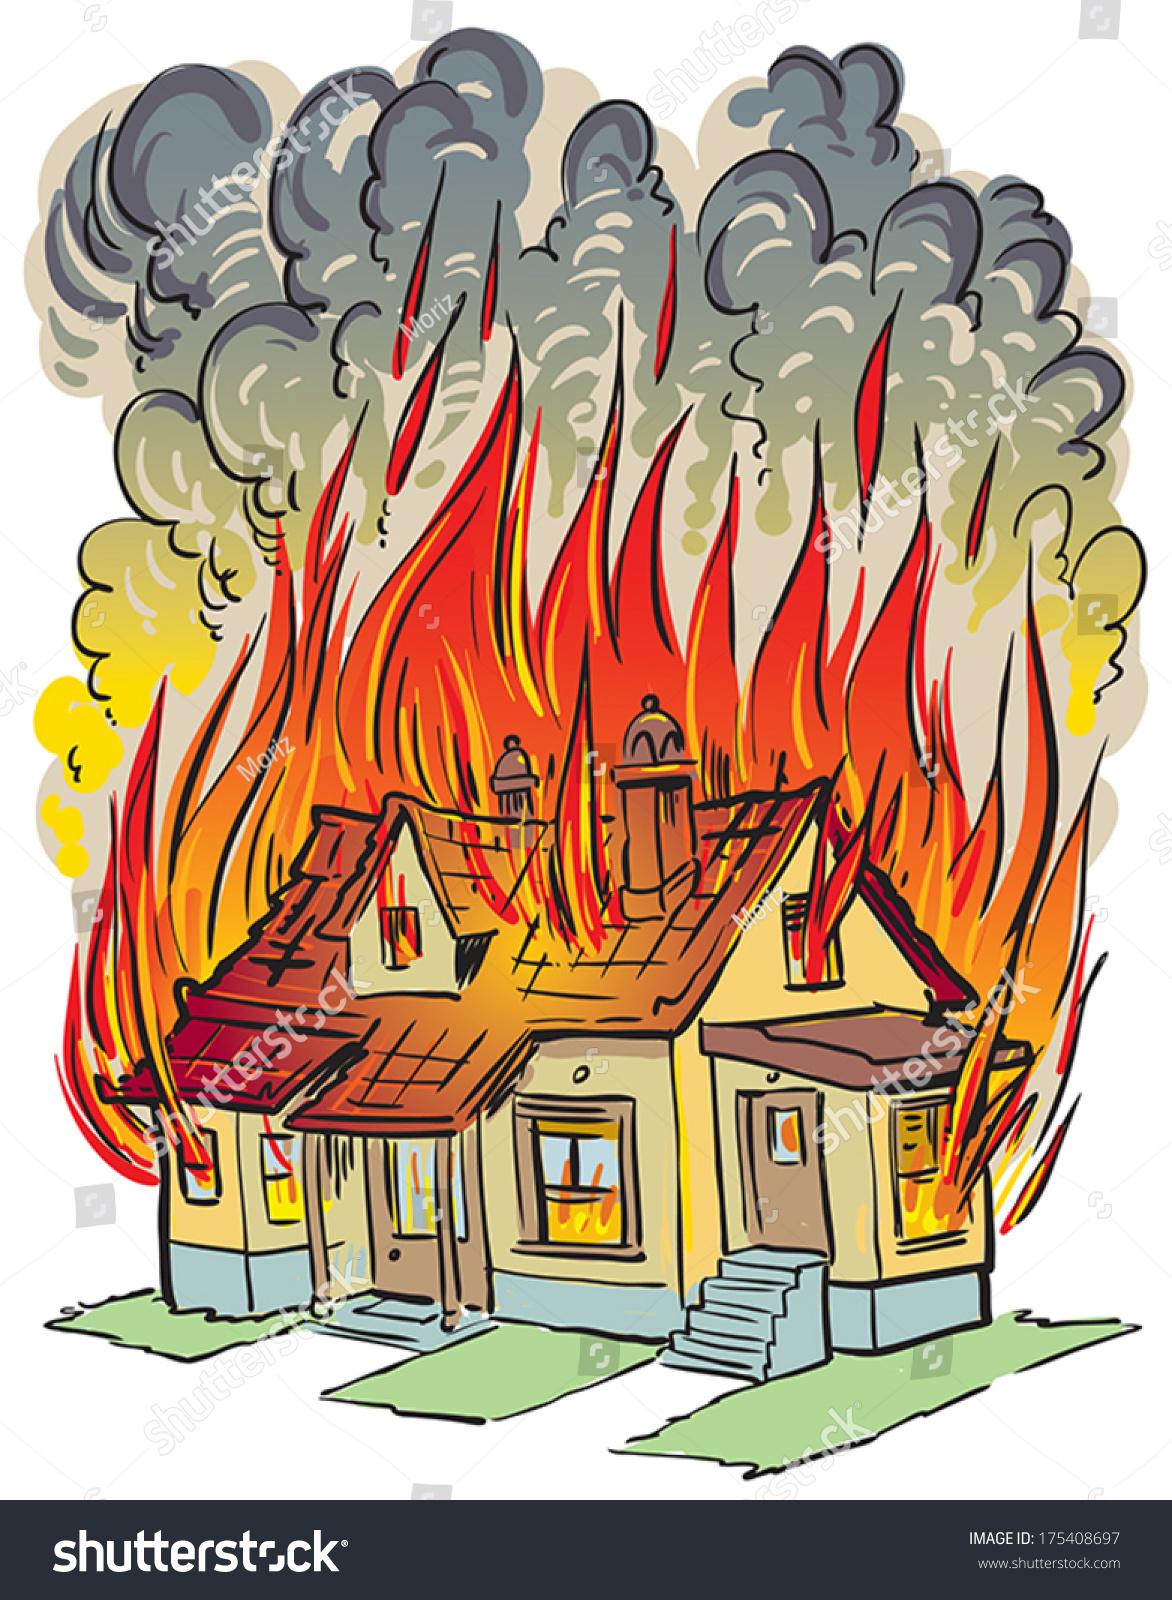 clipart burning house - photo #12